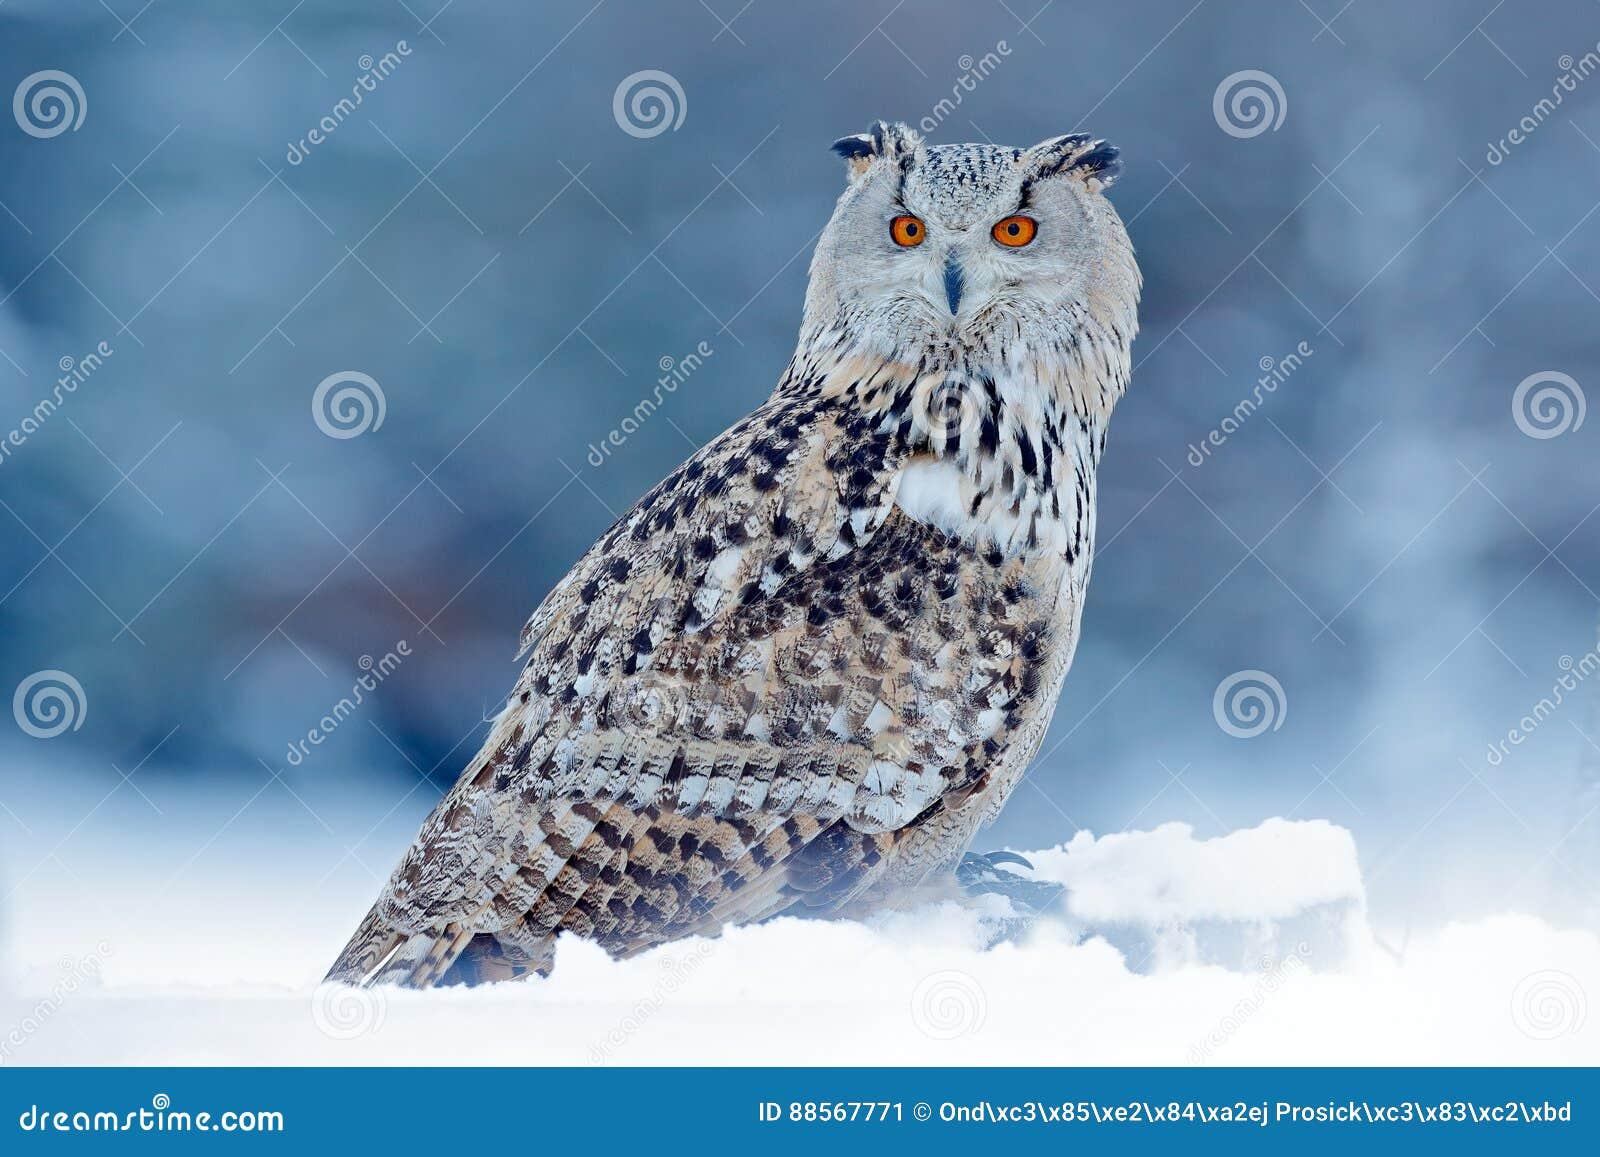 Zimna zima z rzadkim ptakiem Duża Wschodnia Syberyjska Eagle sowa, dymienicy dymienicy sibiricus, siedzi na wzgórku z śniegiem w